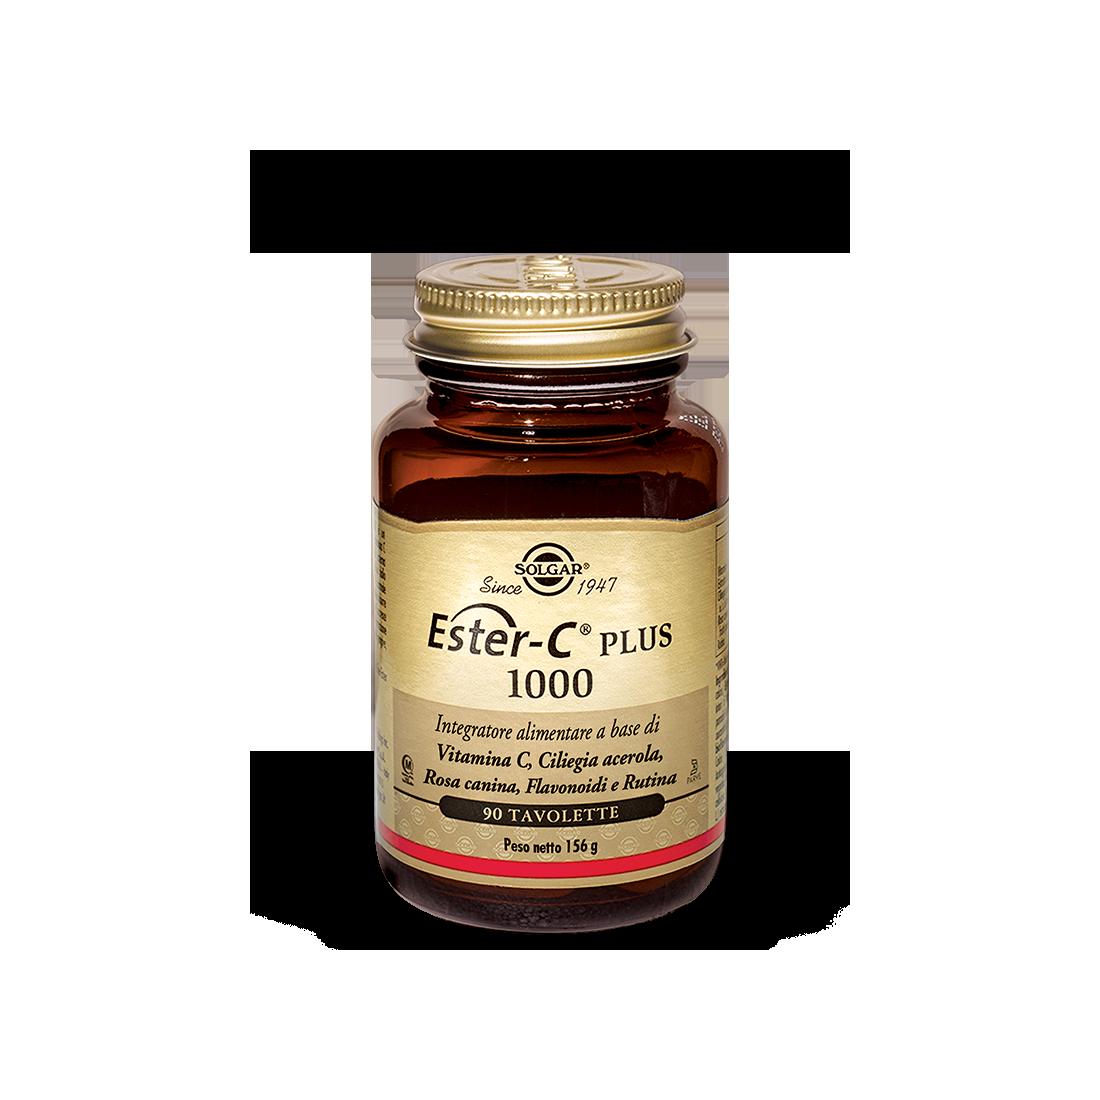 Solgar Ester C Plus 1000